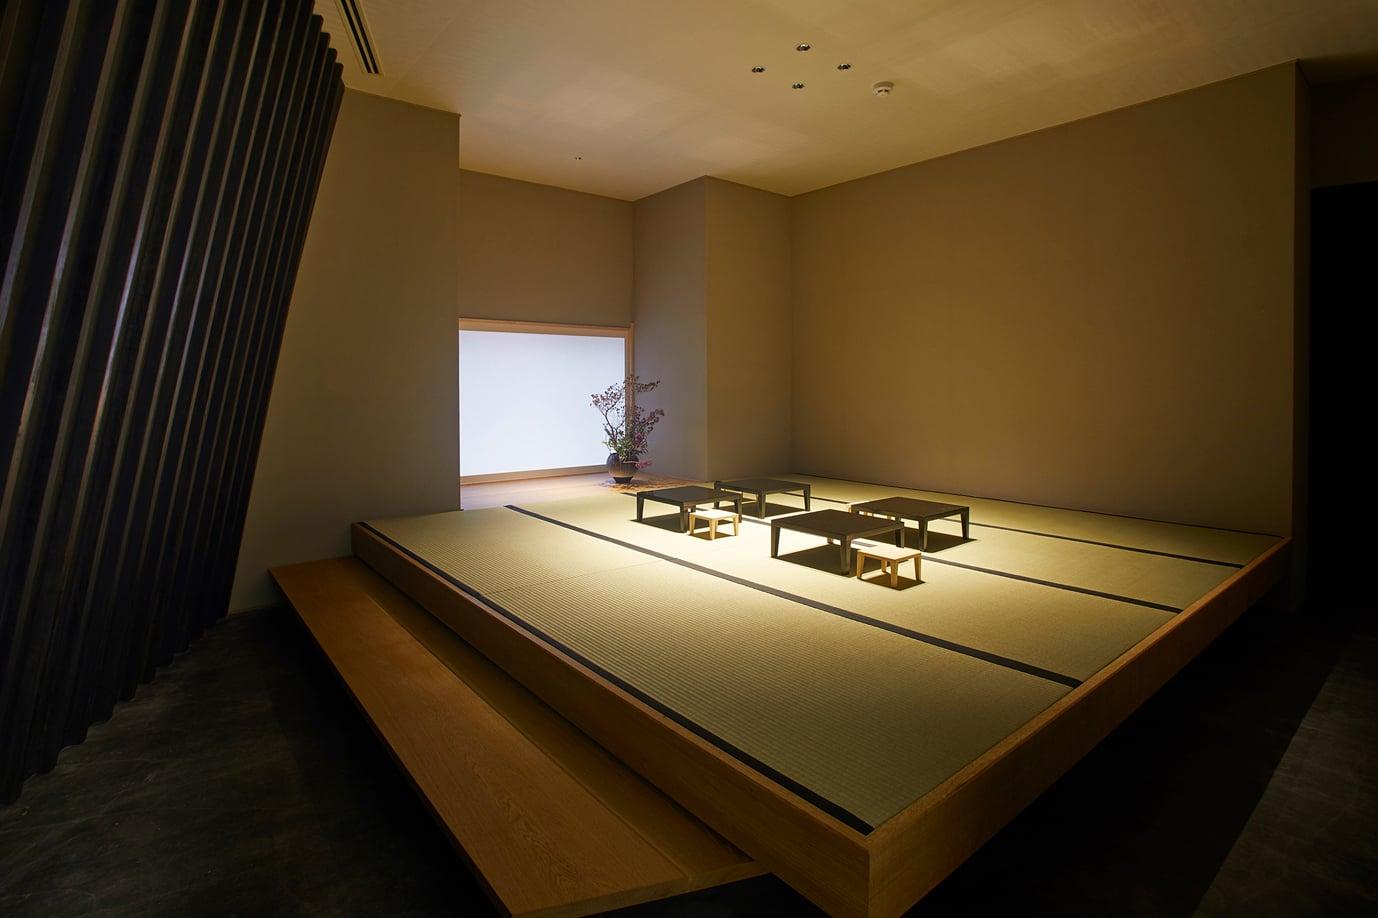 5種類の酒とアテが「長谷川栄雅 六本木」店内の和室で提供される。